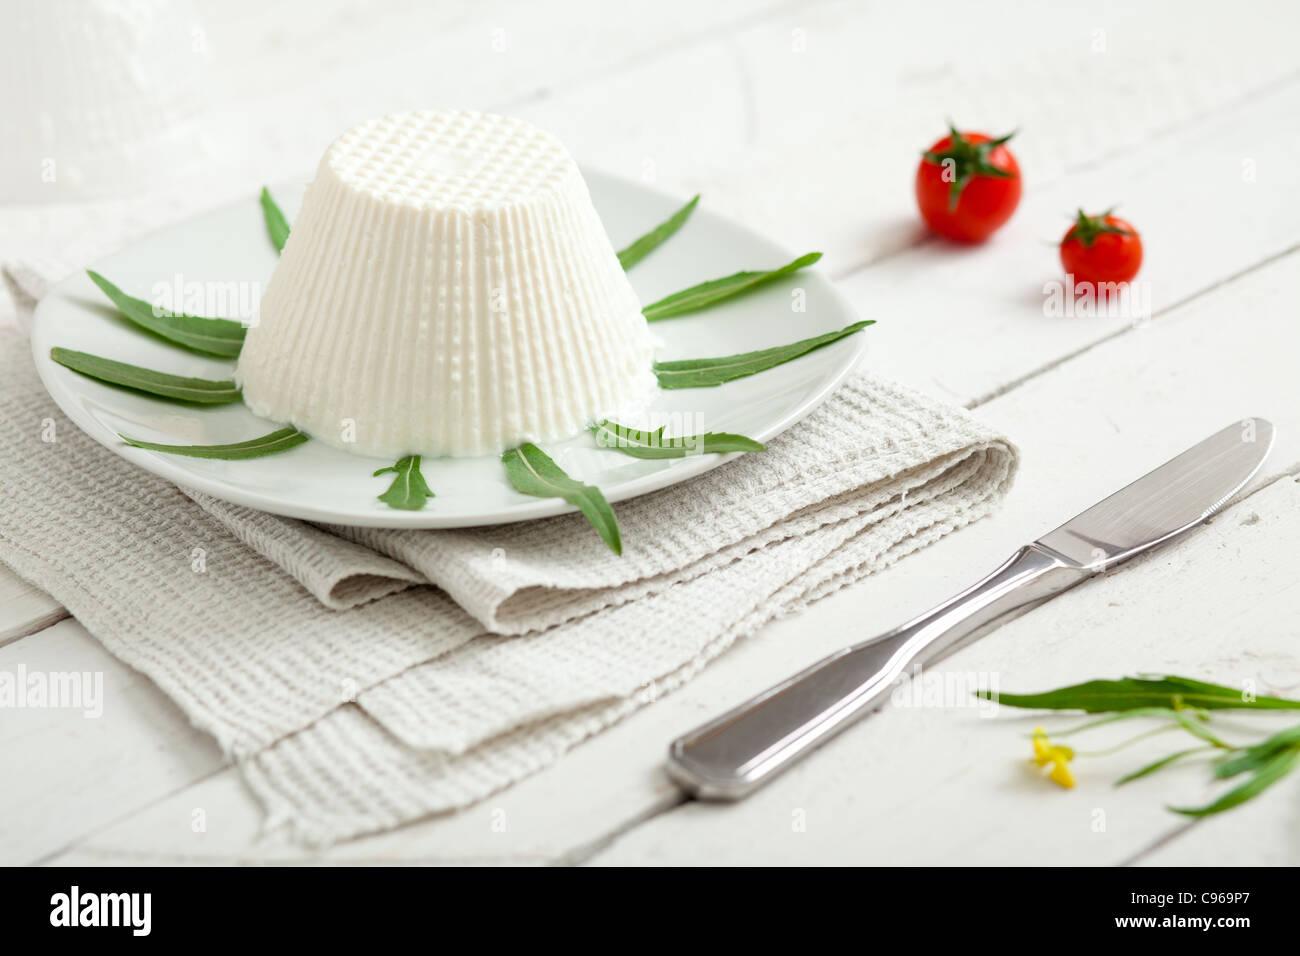 Ricotta, ein typisch italienisches Milchprodukt mit Rucola, Kirschtomaten und einem Messer Stockbild